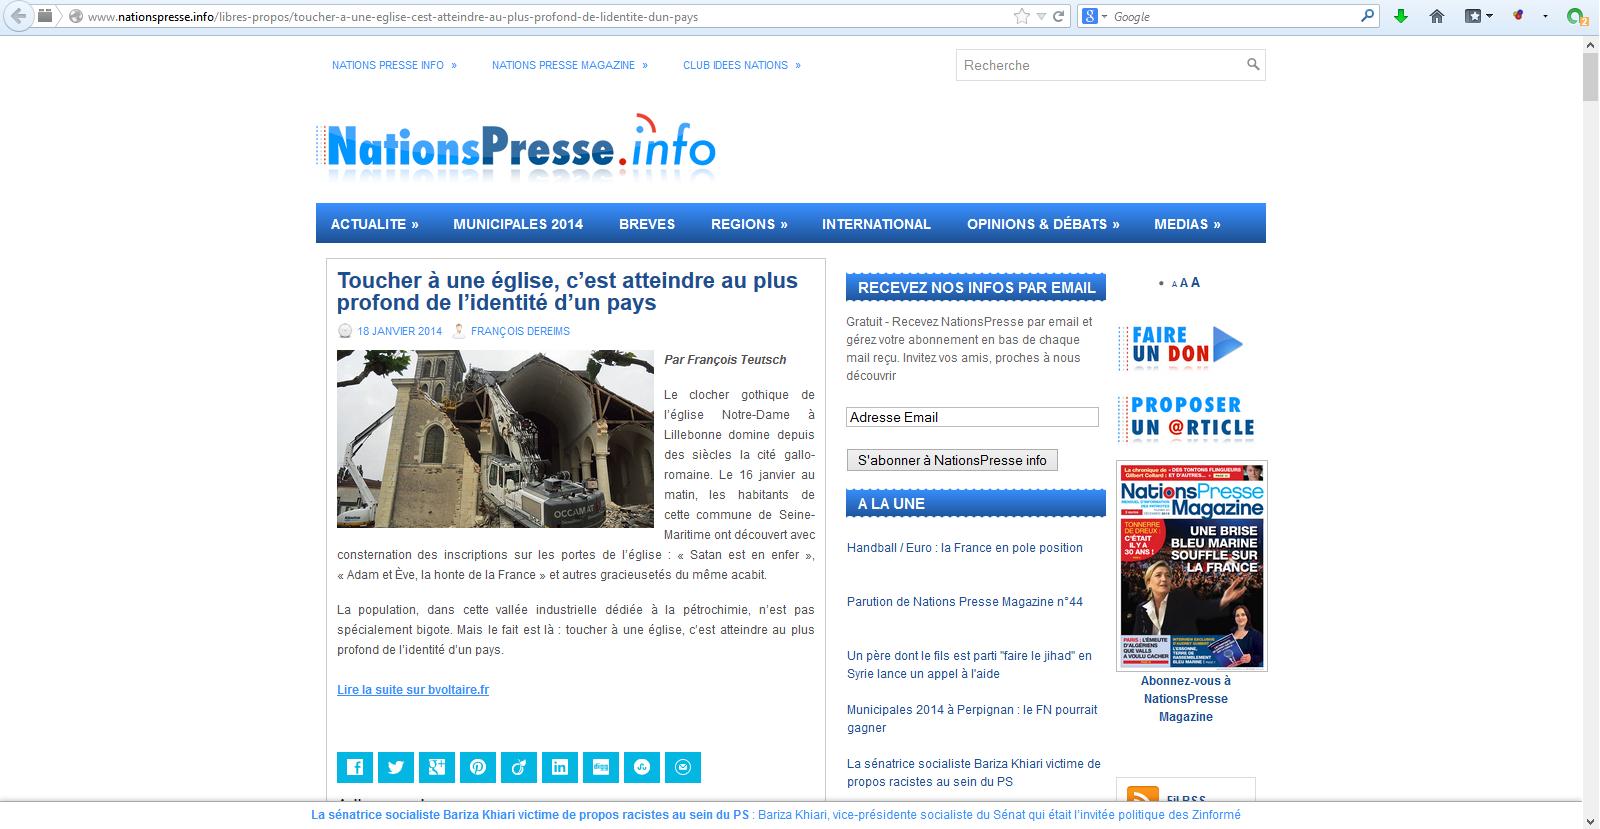 Nationspresse-Eglise-=-France